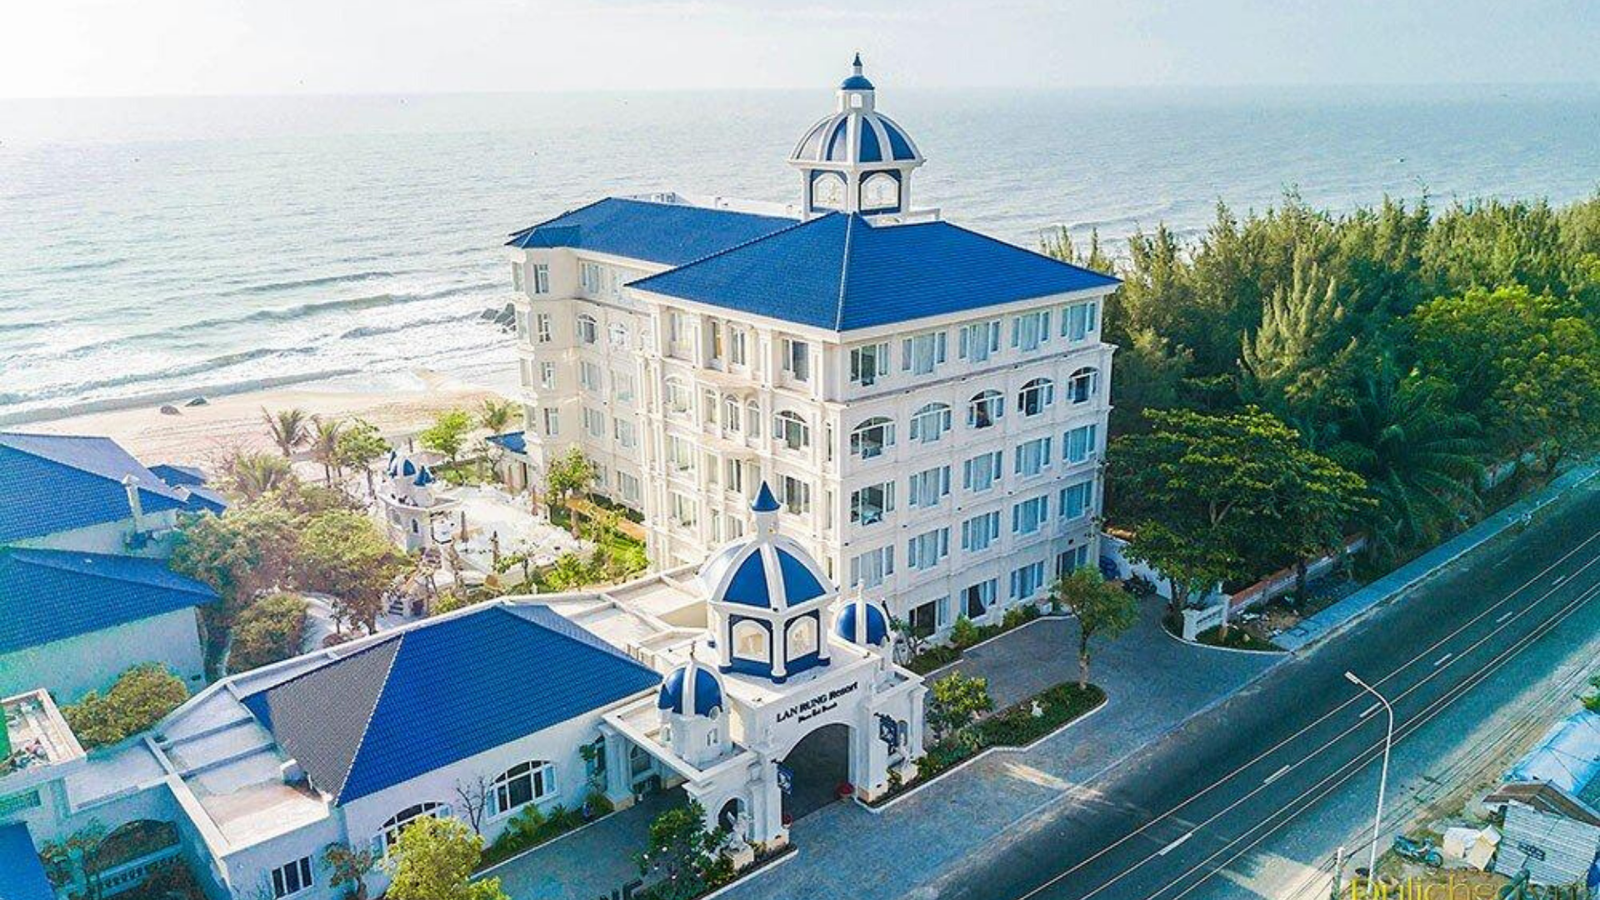 Lan Rừng Resort & Spa là khu nghỉ dưỡng cao cấp nằm sát bờ biển